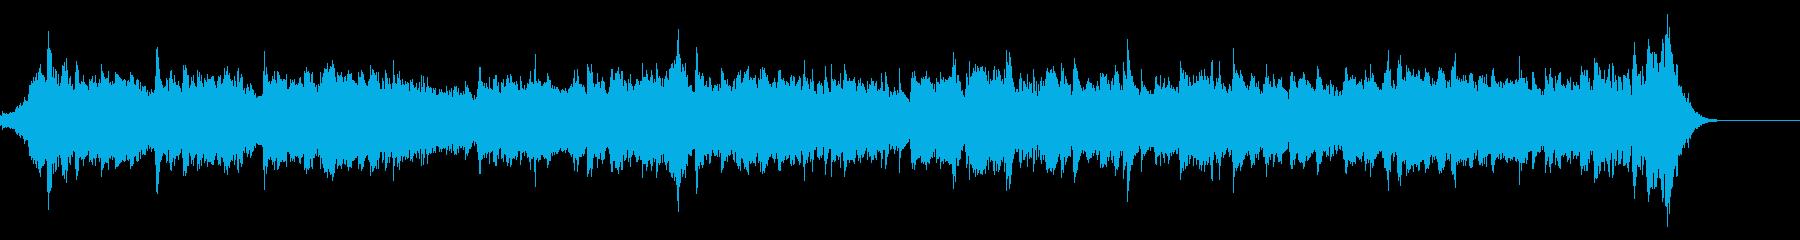 フランスっぽい「さくら さくら」の再生済みの波形